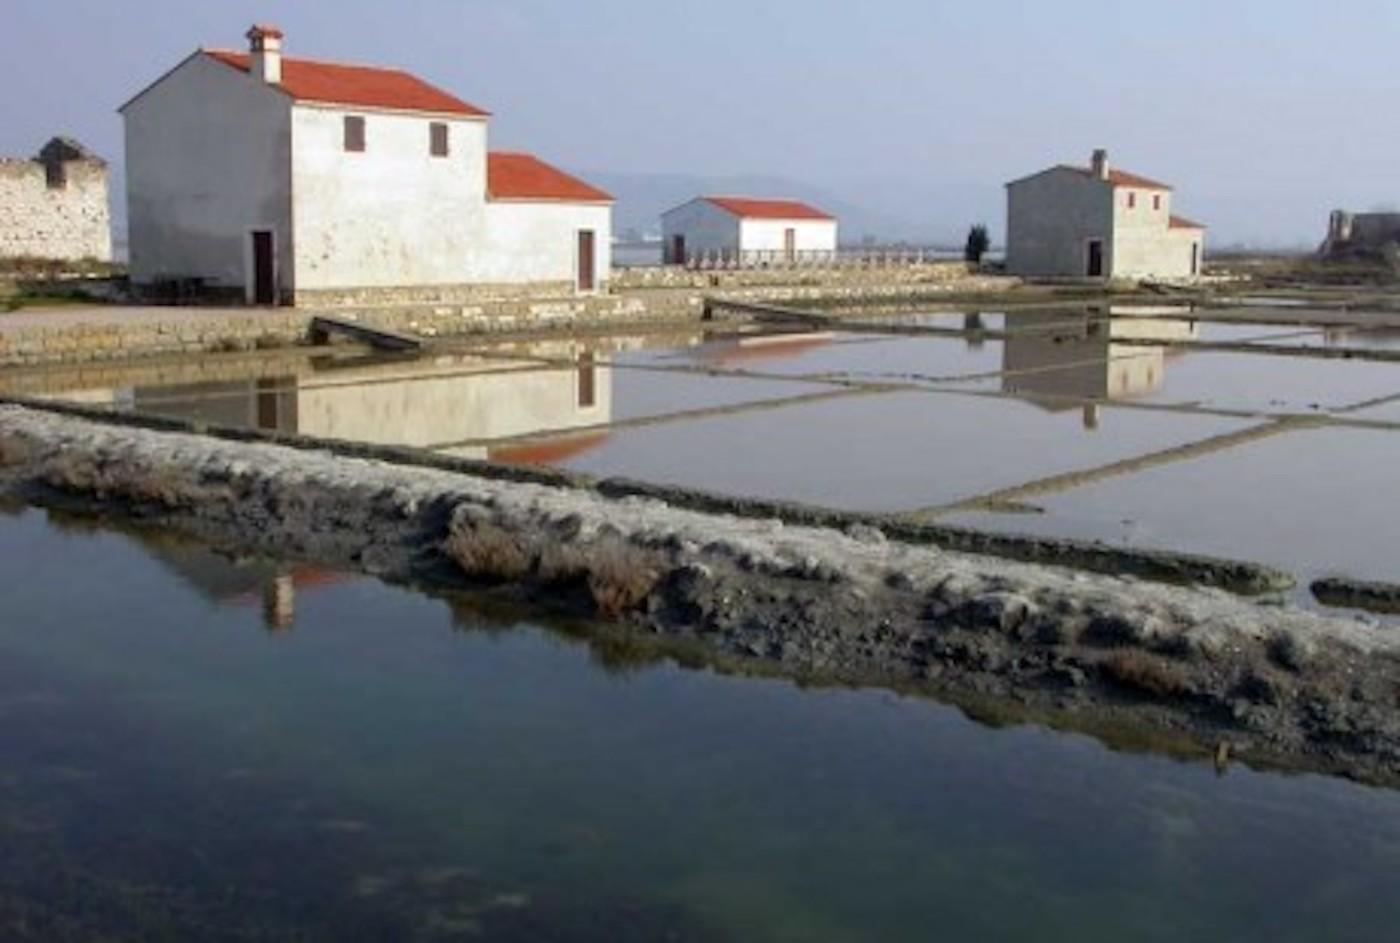 Le case dei salinai